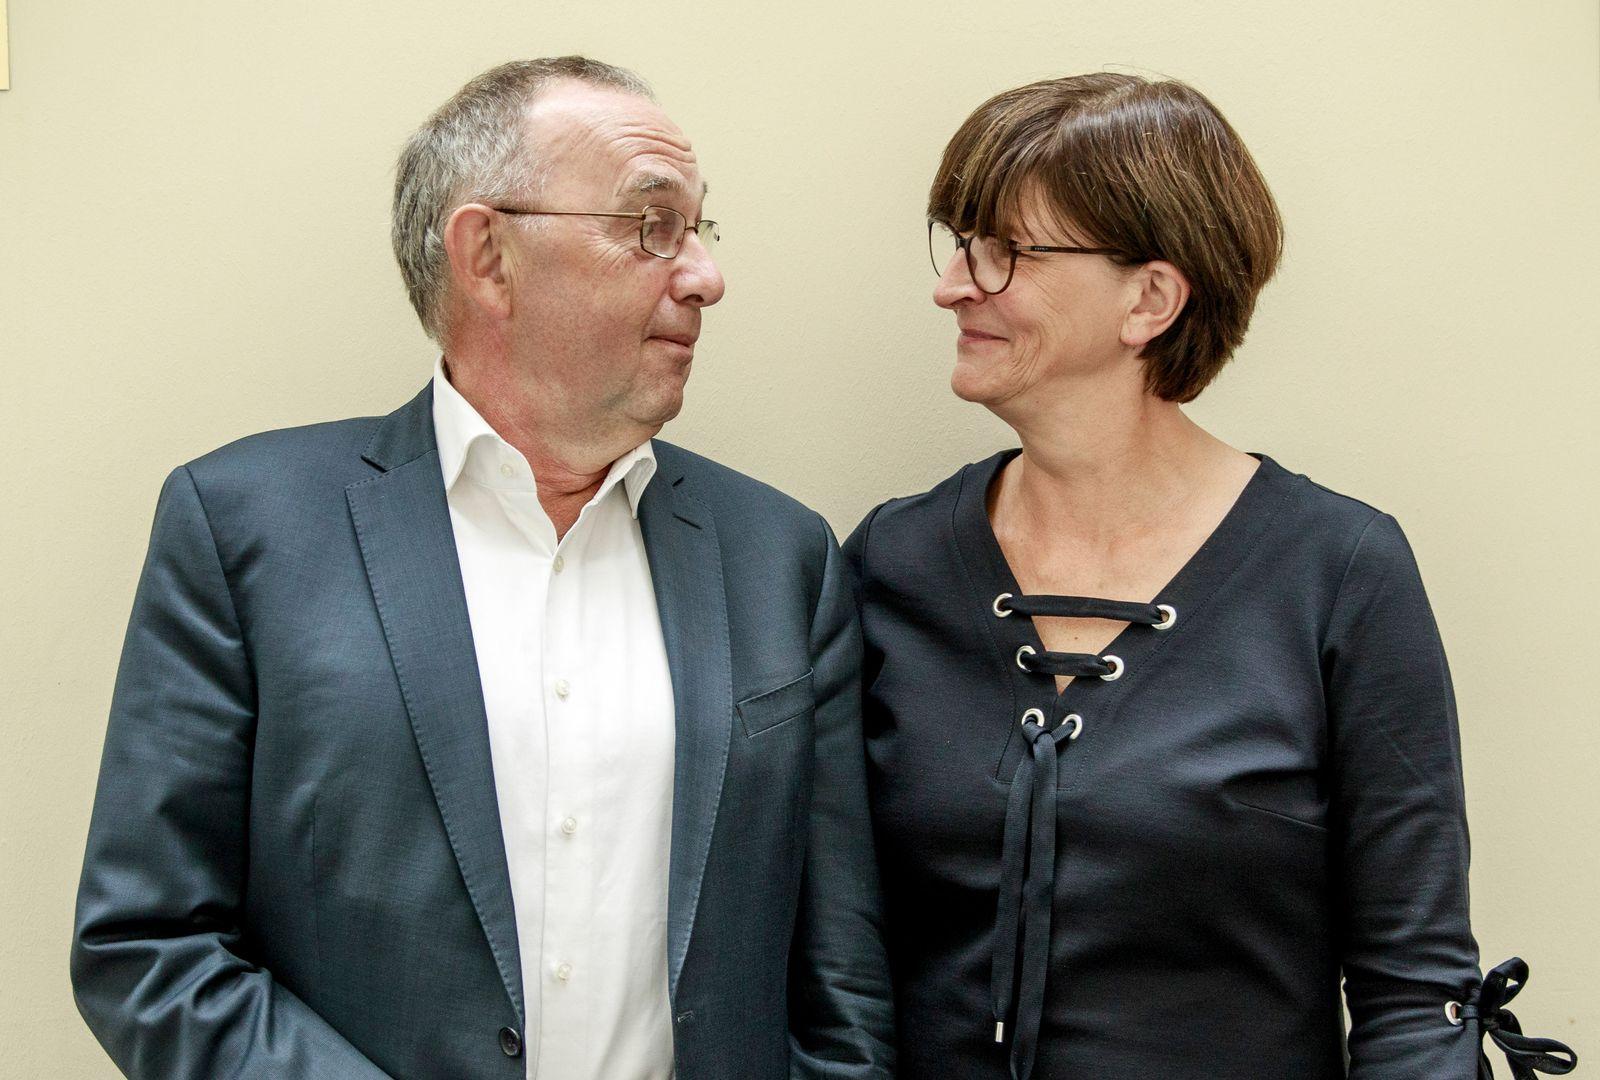 Kandidatur für Parteivorsitz der SPD